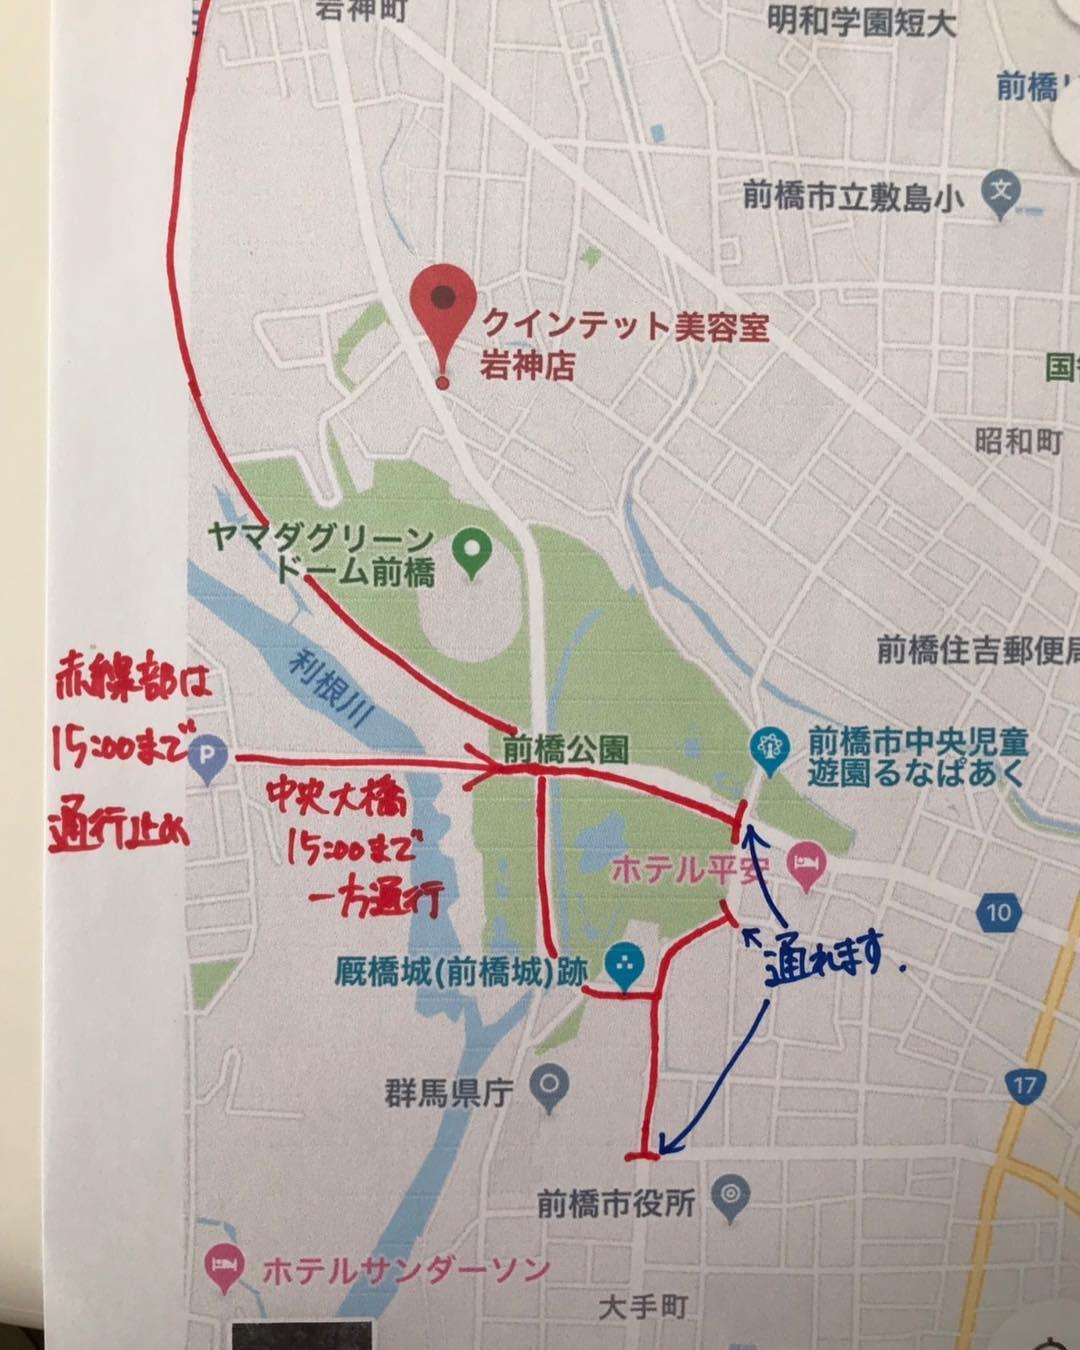 もう一度お知らせいたします!!! 11月3日の群馬マラソンの日は クインテット敷島店にご来店のお客様に 迂回をお願いしております!!! 大変ご迷惑をおかけしますがよろしくお願いいたします🏻